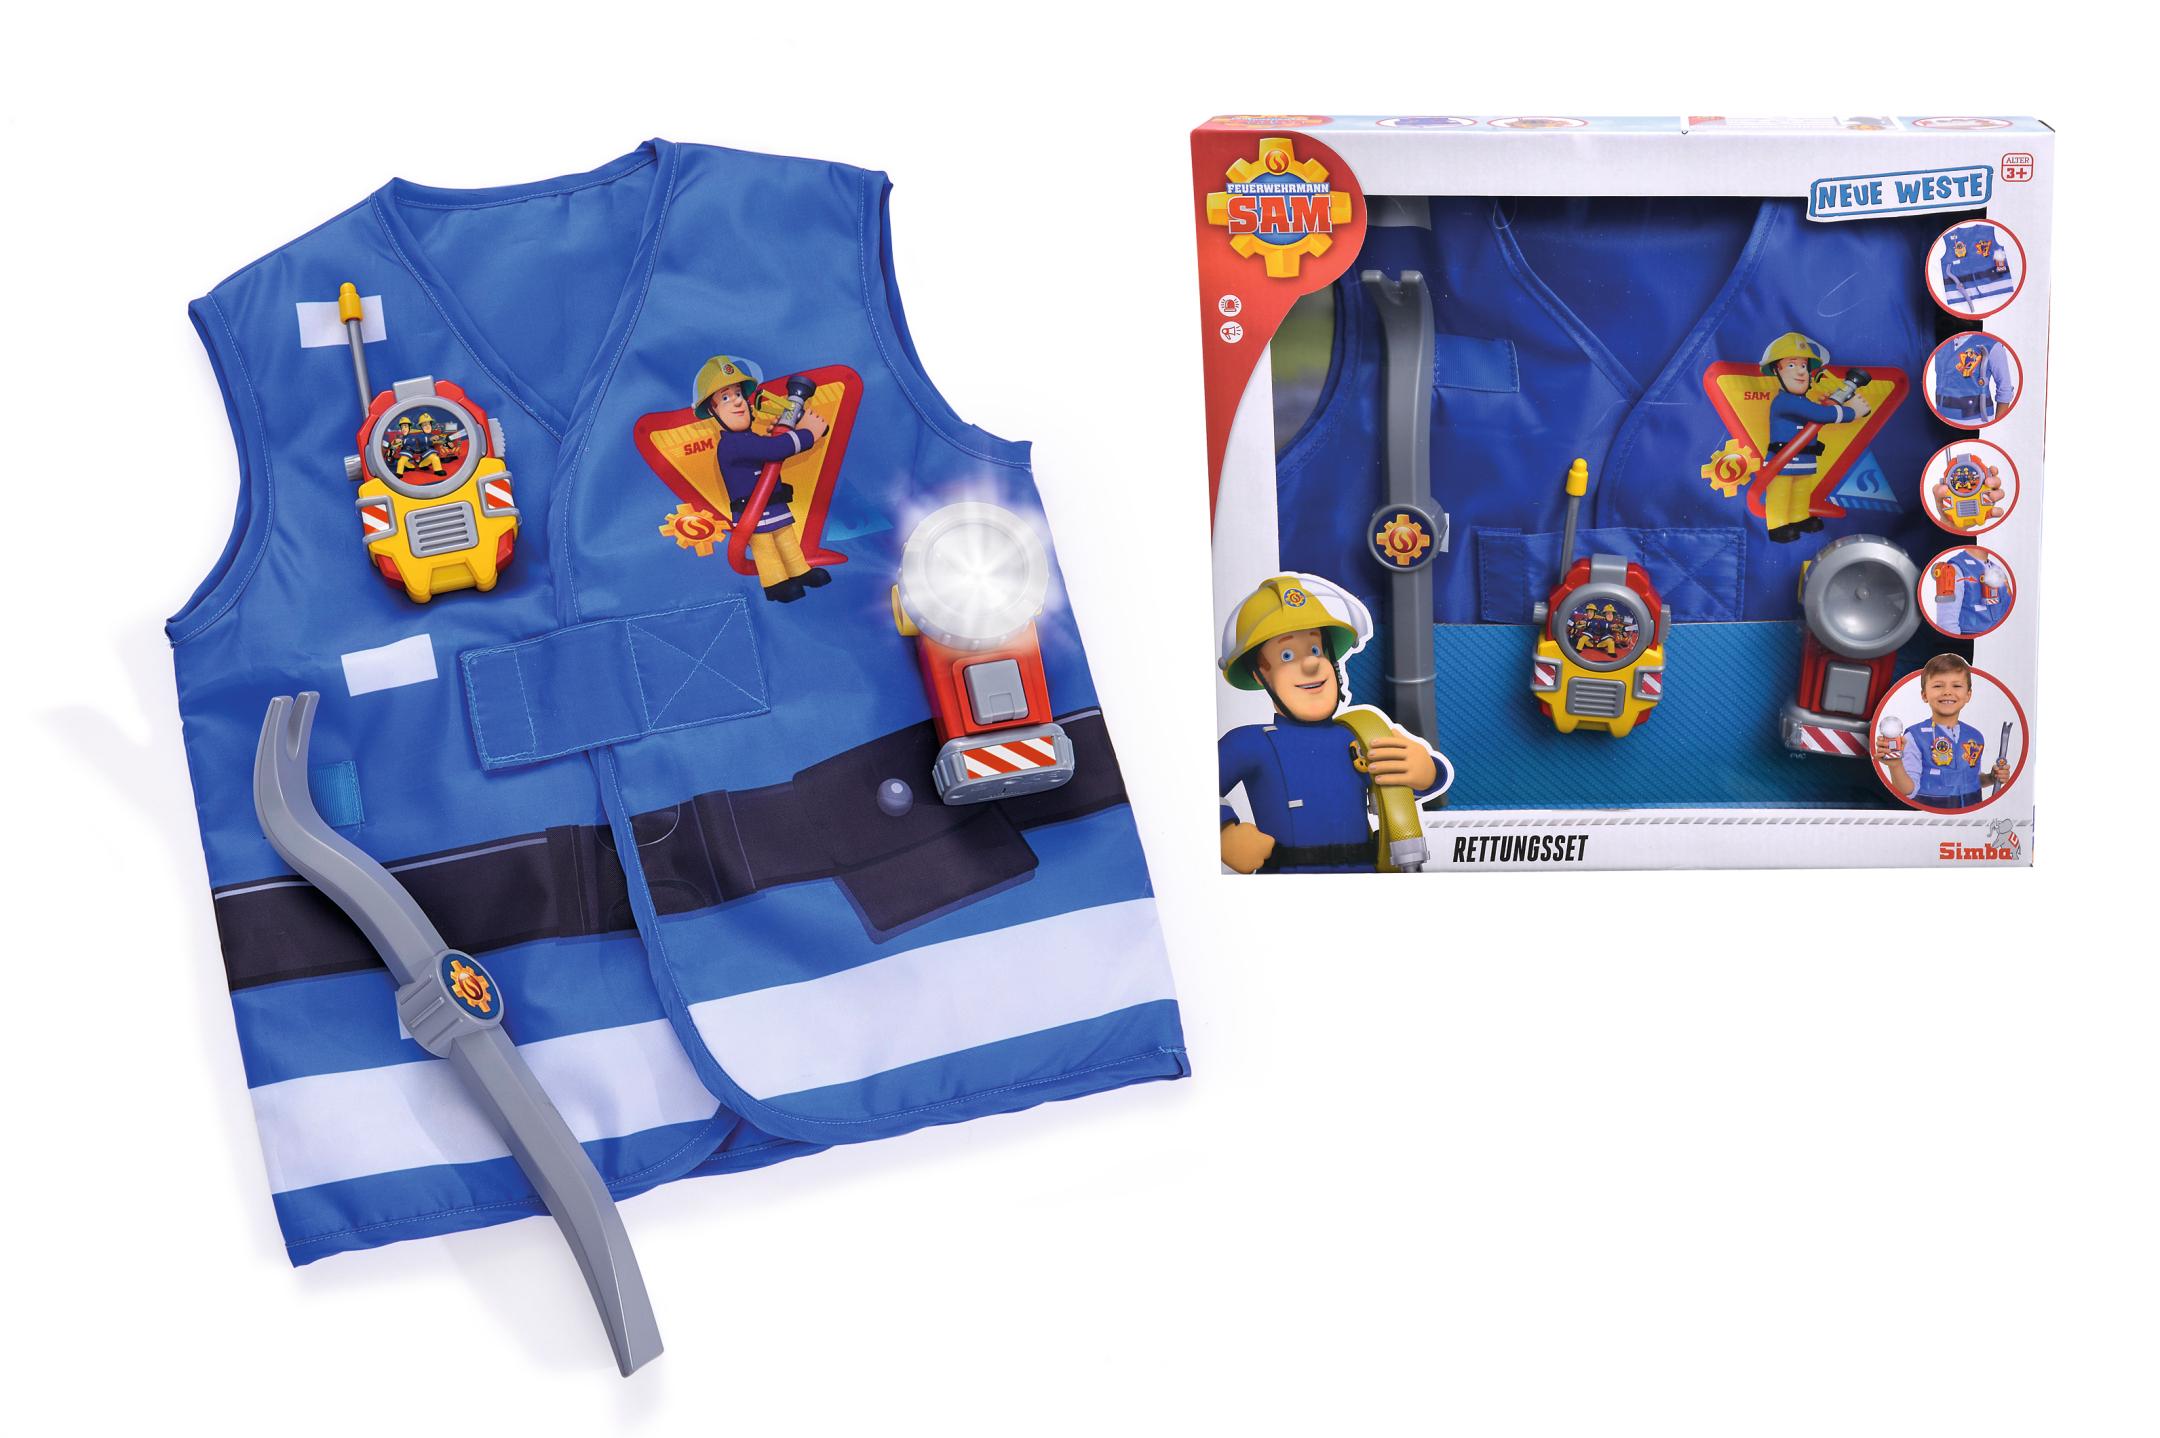 Fireman Sam Rettungsset